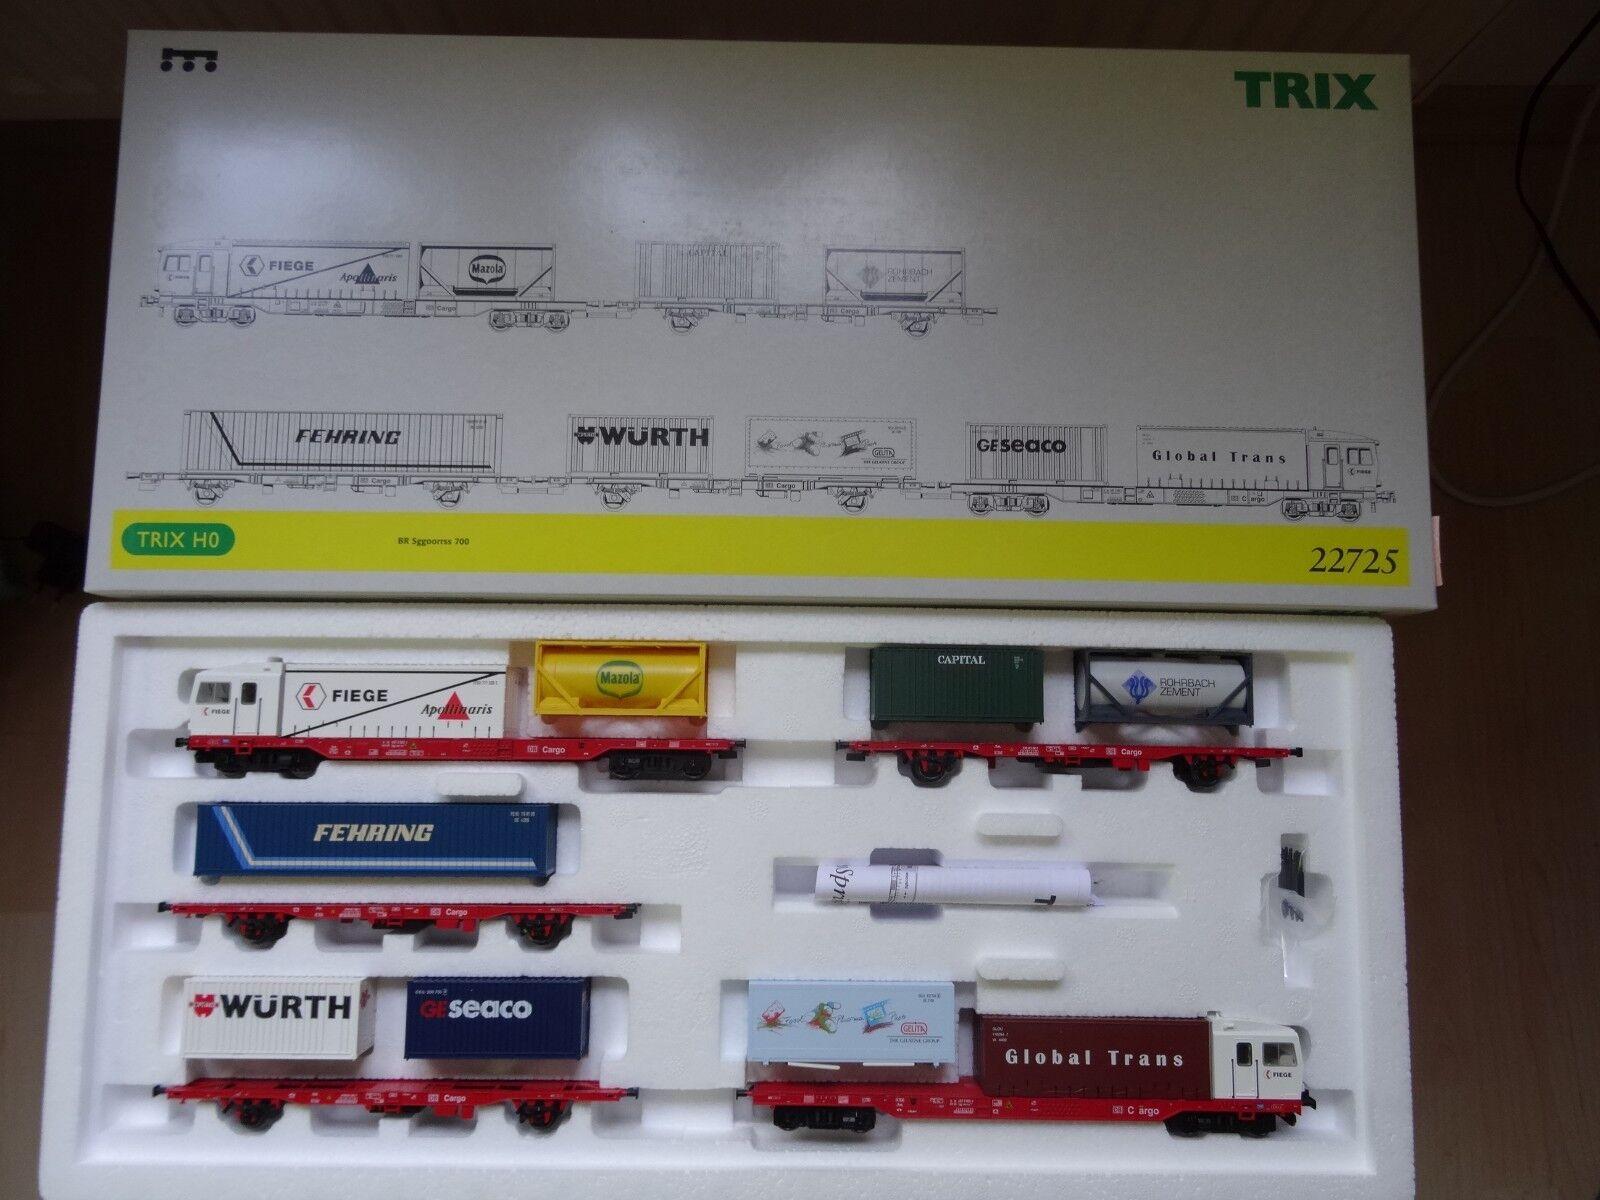 Trix ho Art 22725 contenedores sprinter br sggoorrss 700 dc direcciónDeInterfaz nuevo en el embalaje original